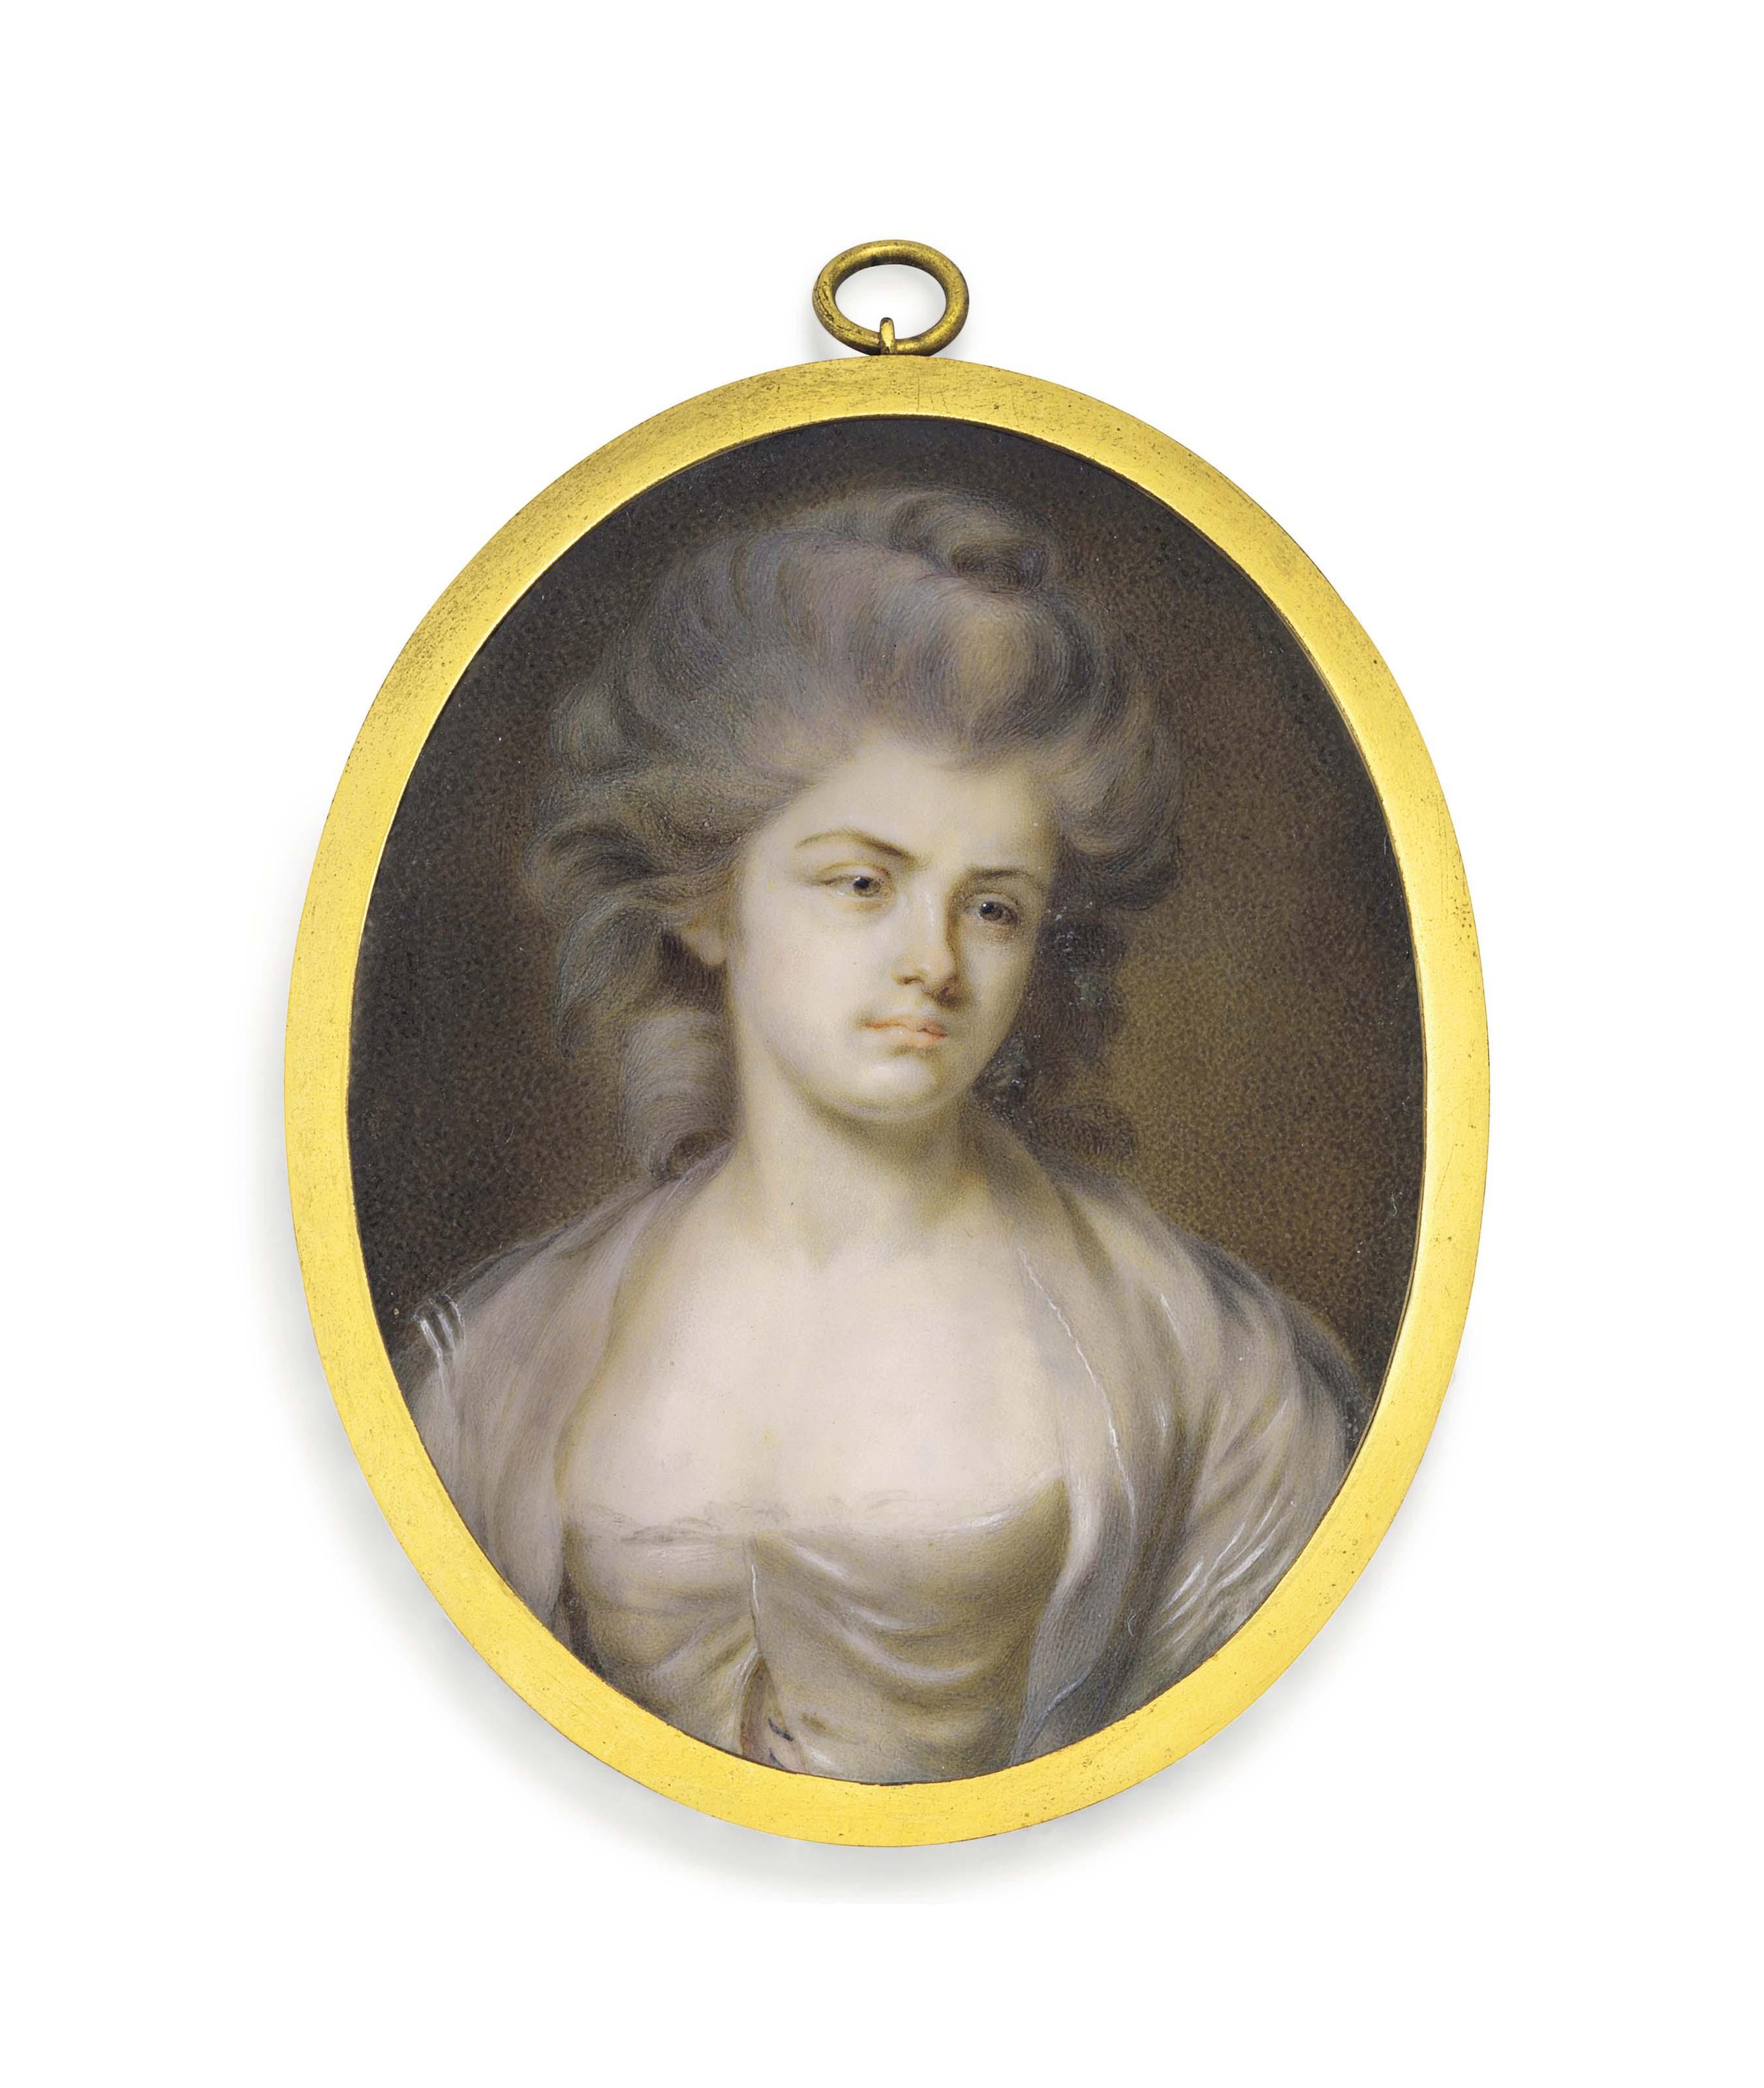 Portrait de femme en buste portant une robe blanche, traditionnellement identifiée comme madame Franklin